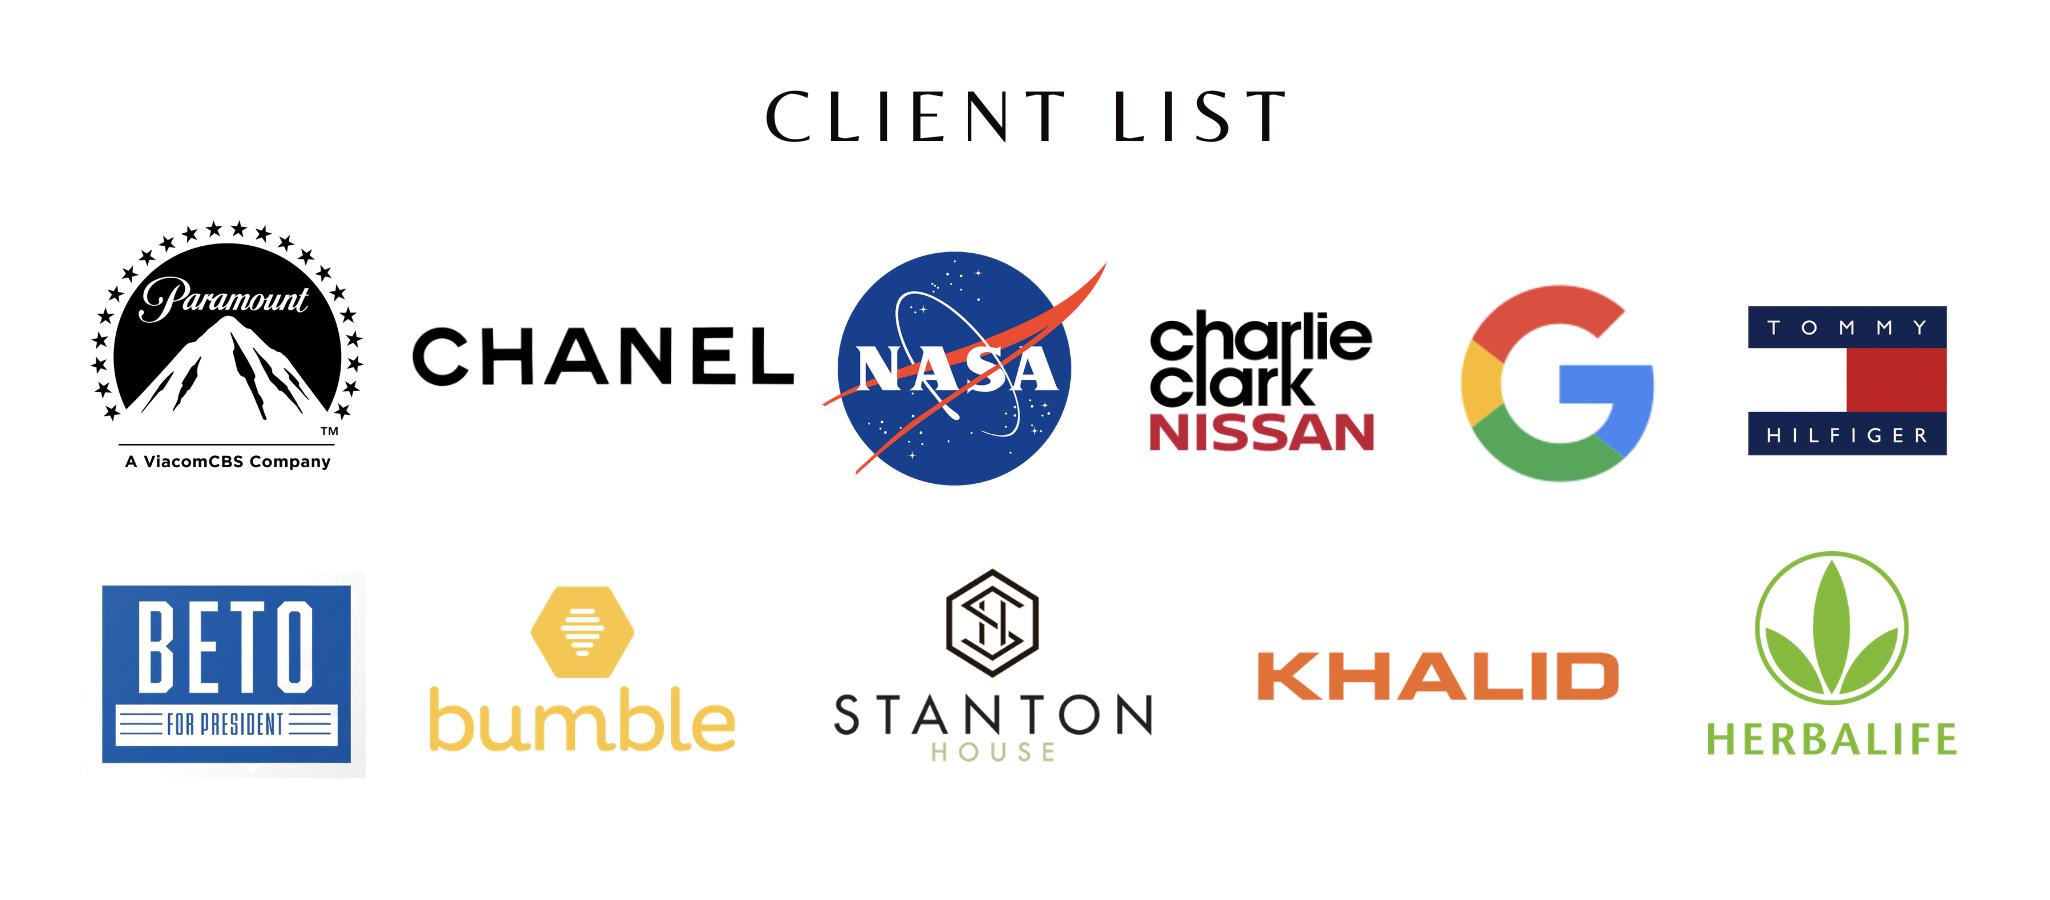 client-list-angies-floral-designs-el-paso-client-list-.png